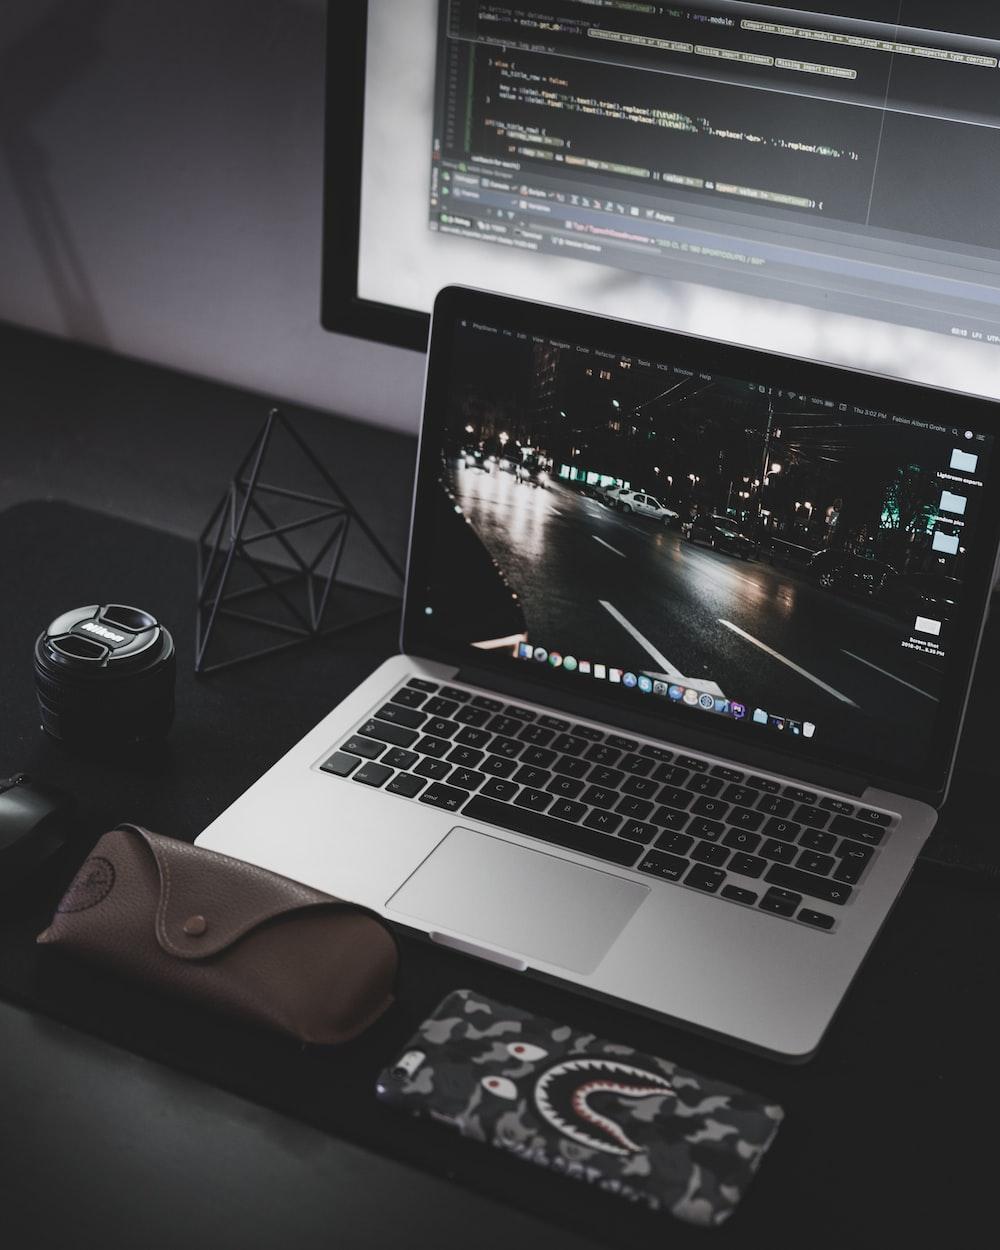 liguei o MacBook Pro na frente do monitor preto de tela plana do computador